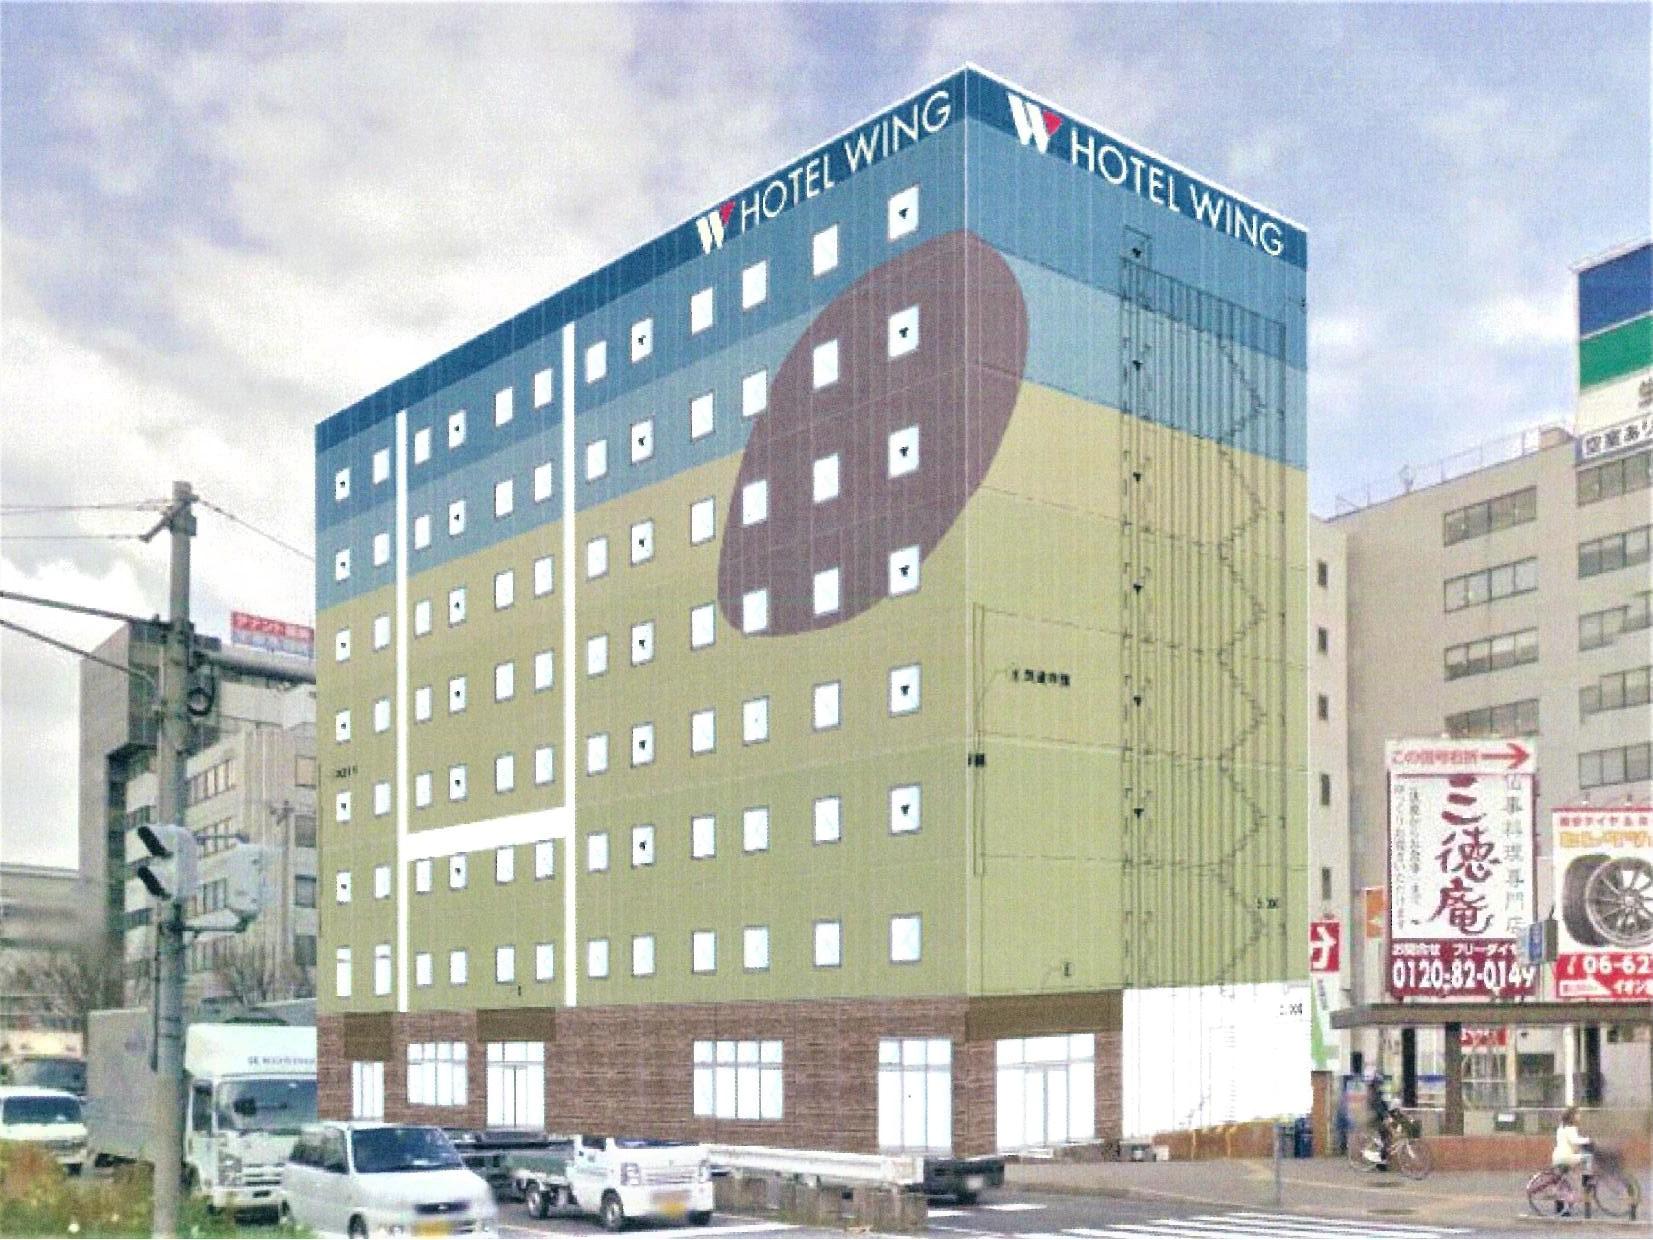 ホテルウィングインターナショナル東大阪